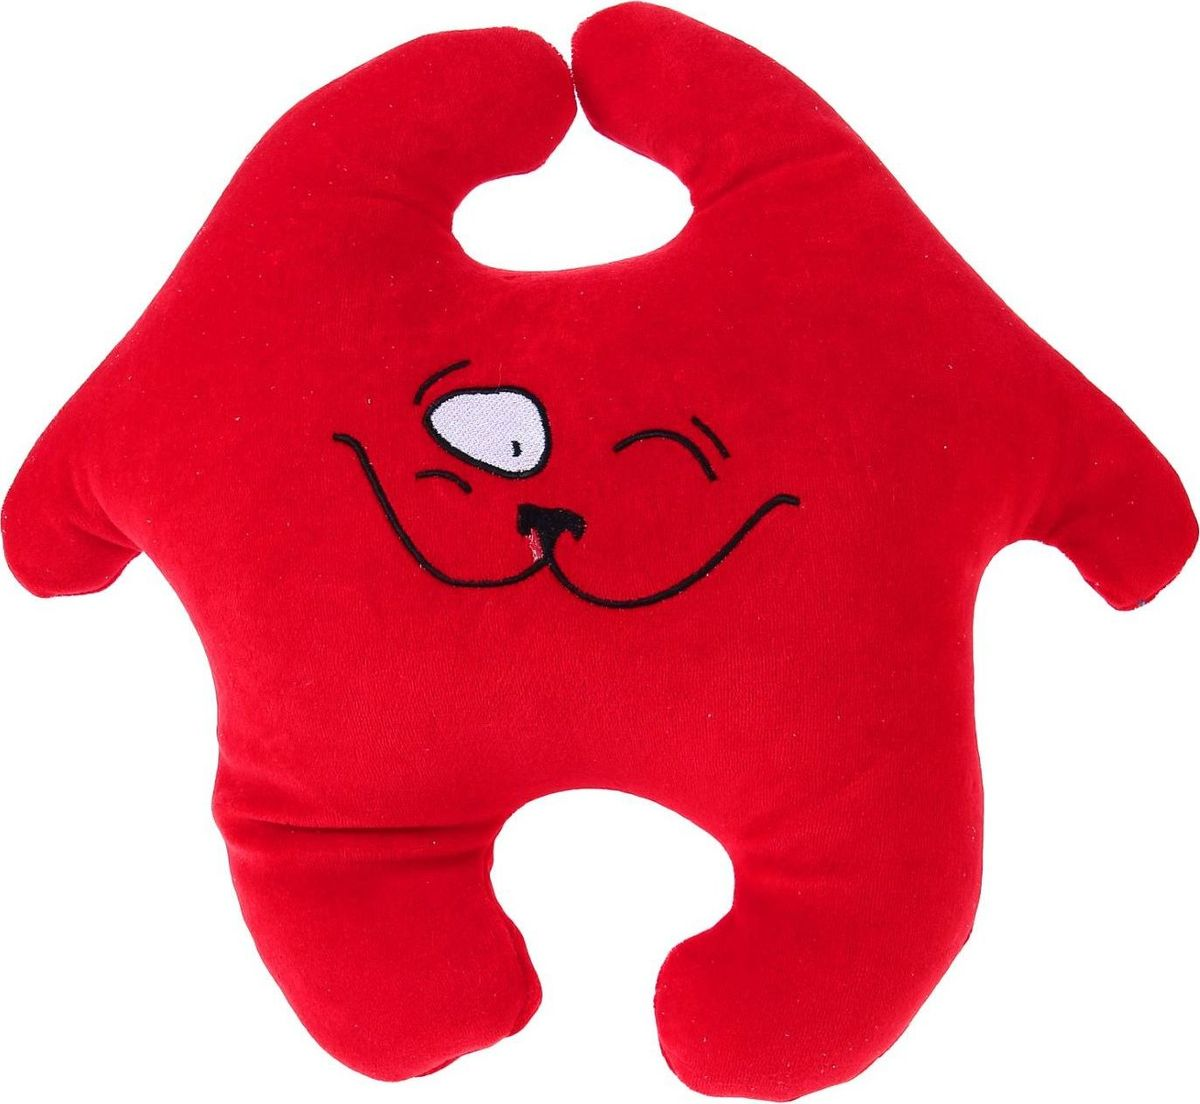 Sima-land Антистрессовая игрушка Заяц Хрустик 05 цвет красный